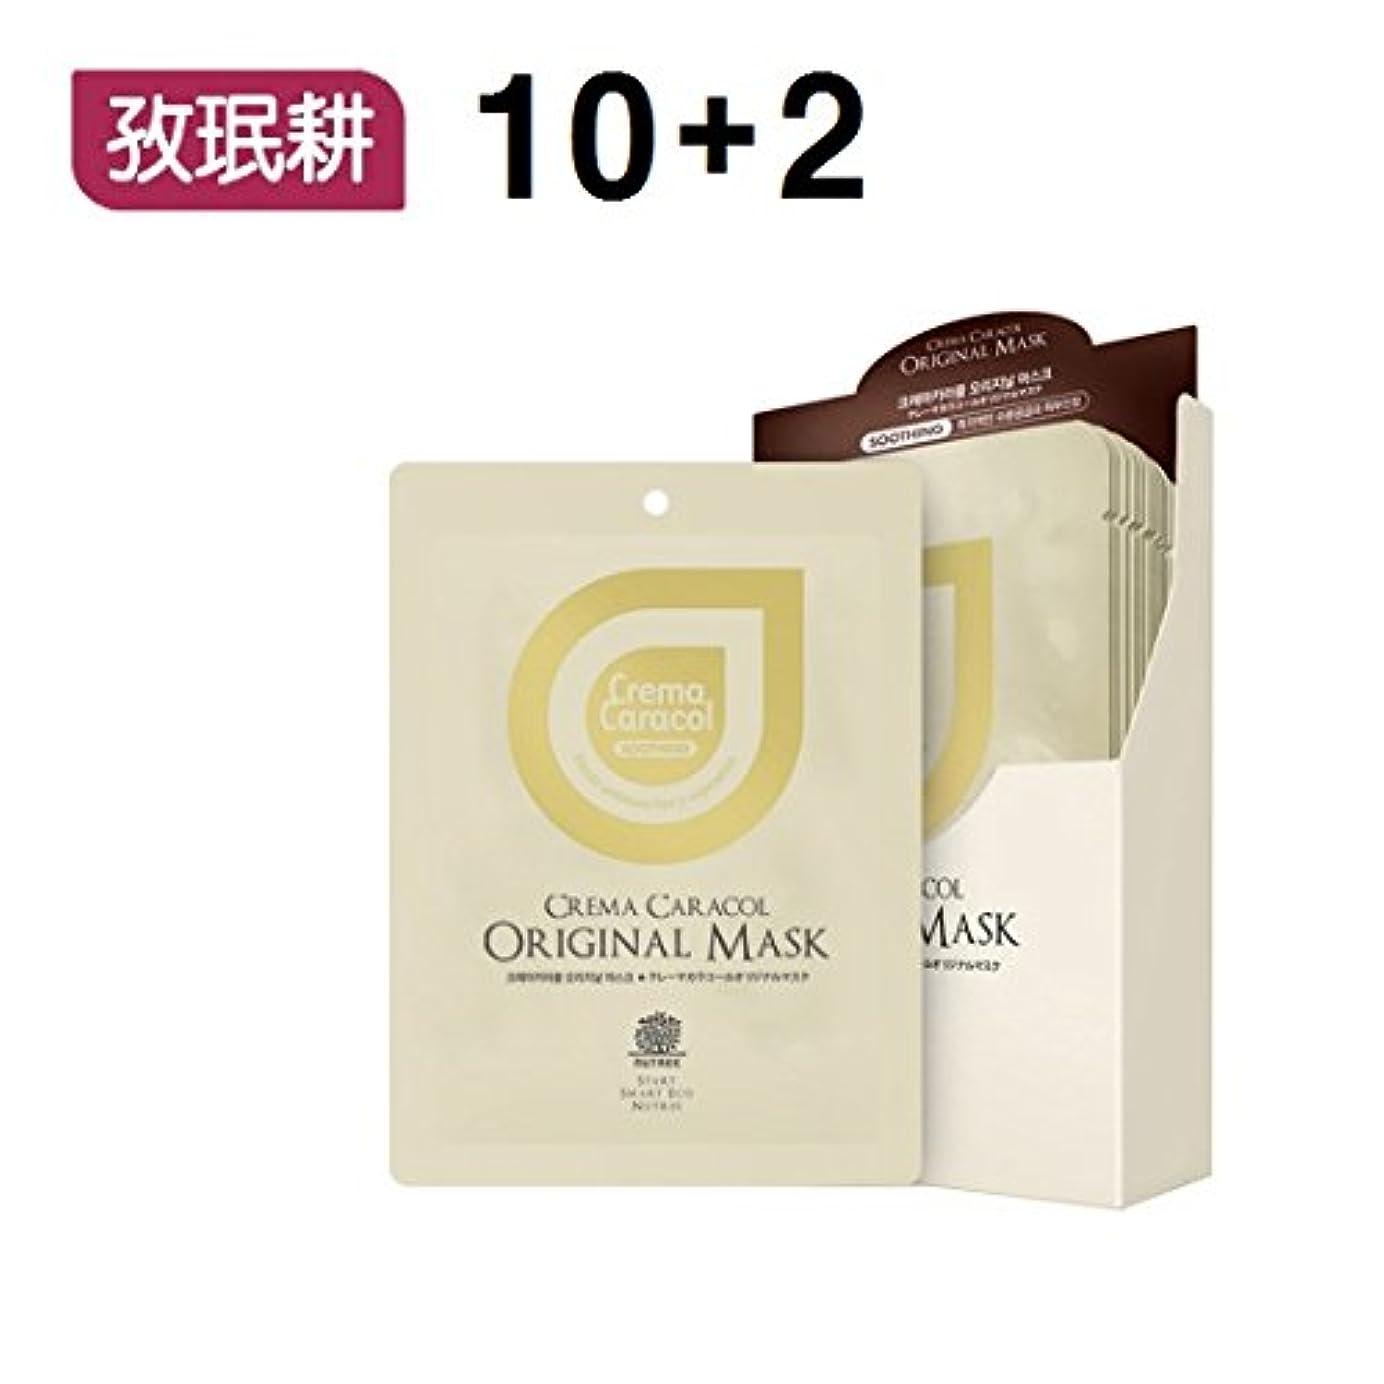 ウィンクディンカルビル大胆不敵Jaminkyung Crema Caracol Original Mask 10+2 / ジャミンギョン クレマカラコールオリジナルマスク 10+2 [並行輸入品]